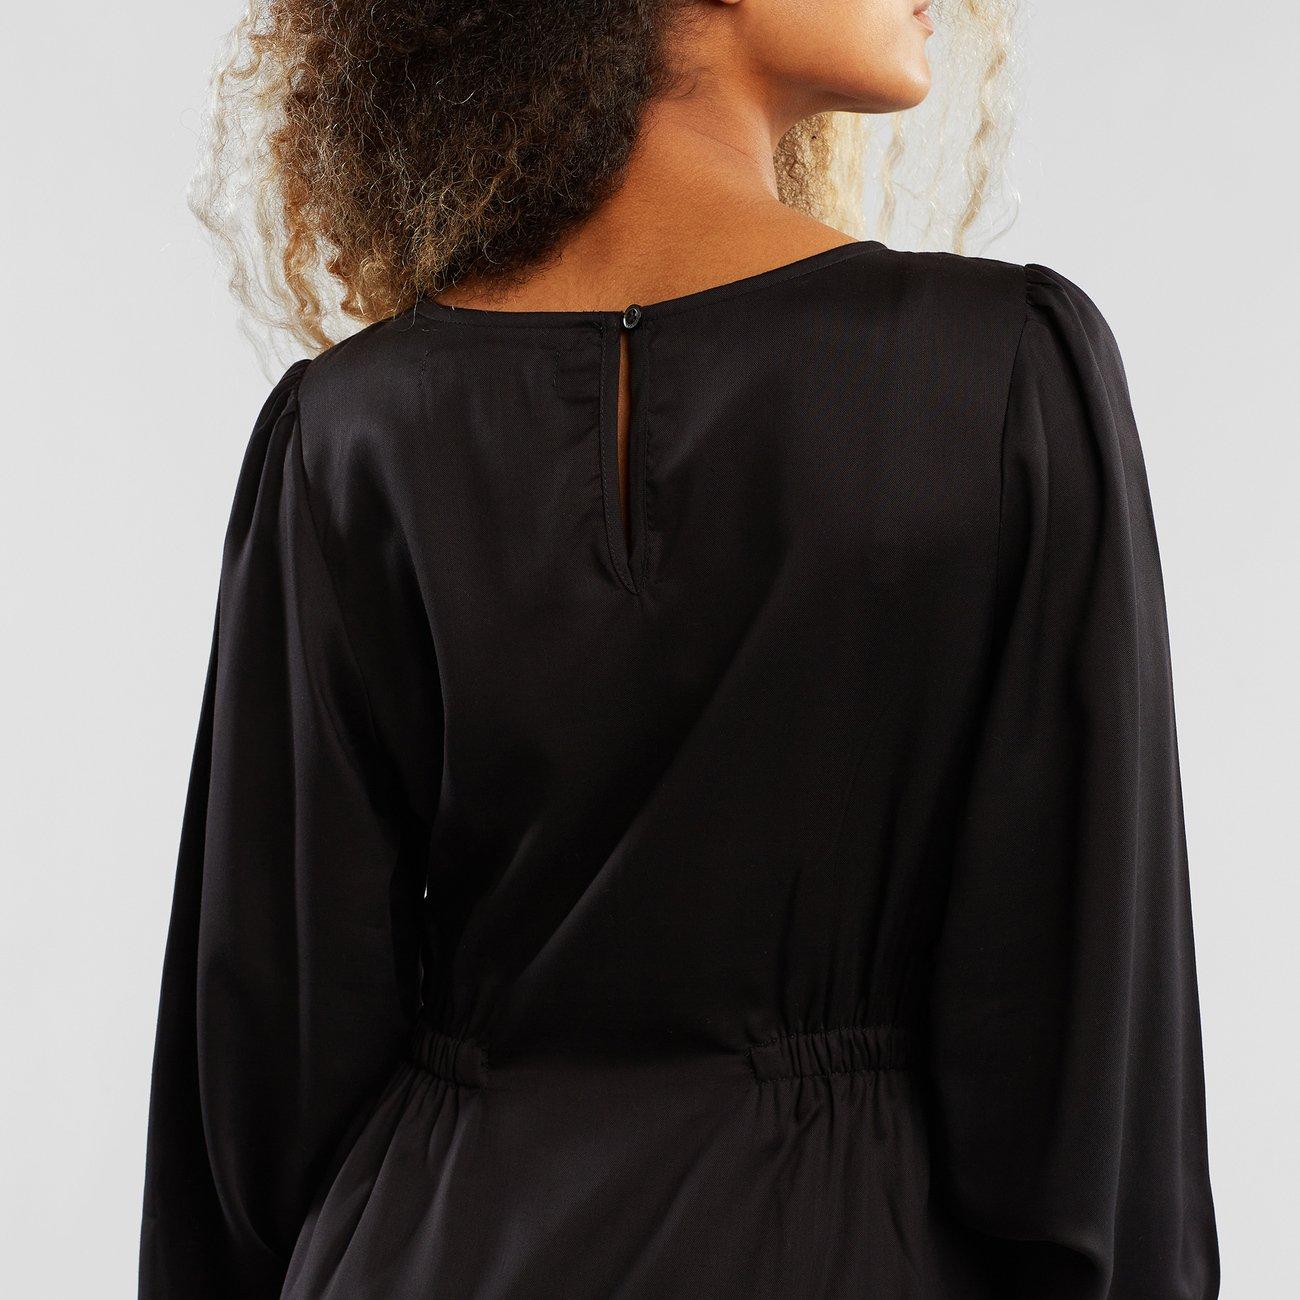 Dress Hjo Black